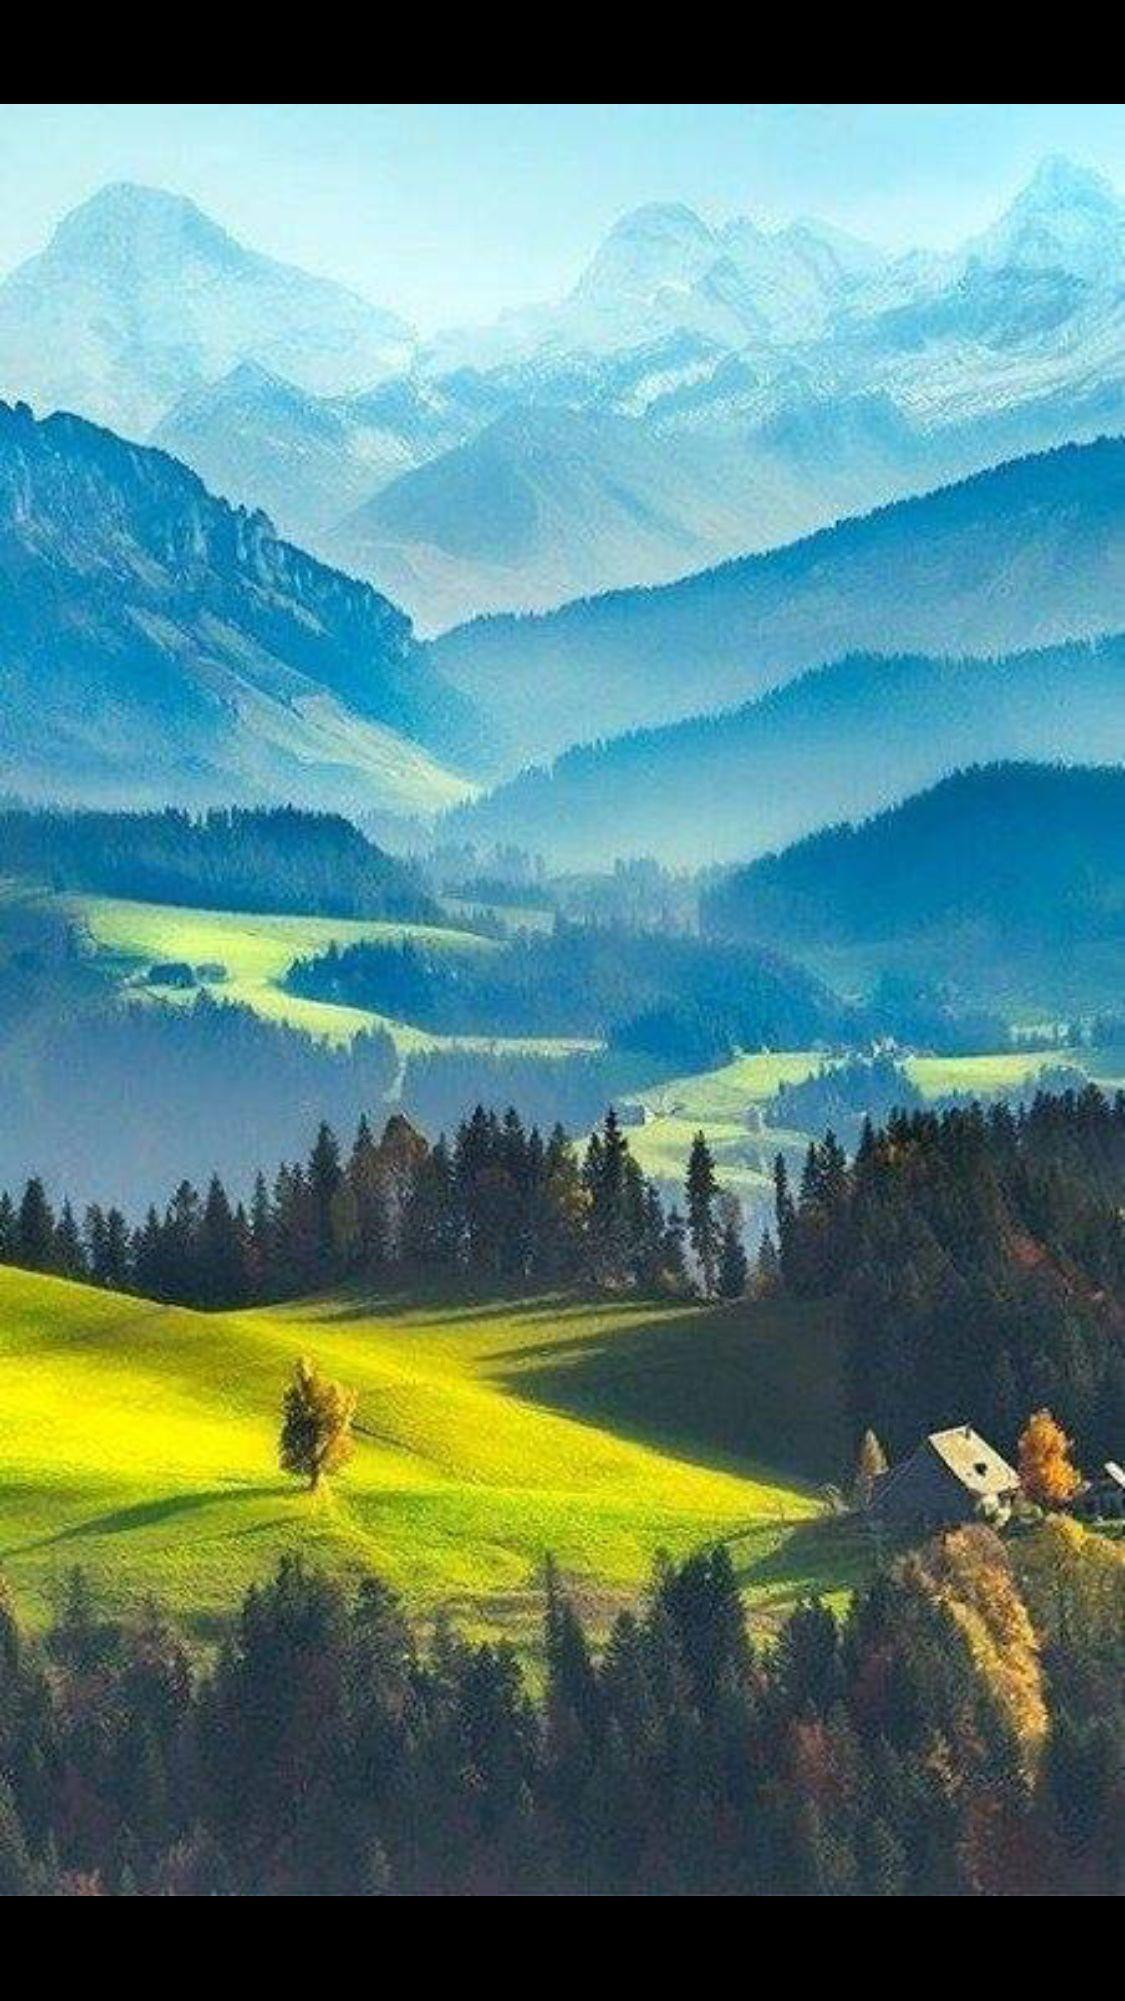 Switzerland Beautiful Nature Beautiful Landscapes Nature Photography